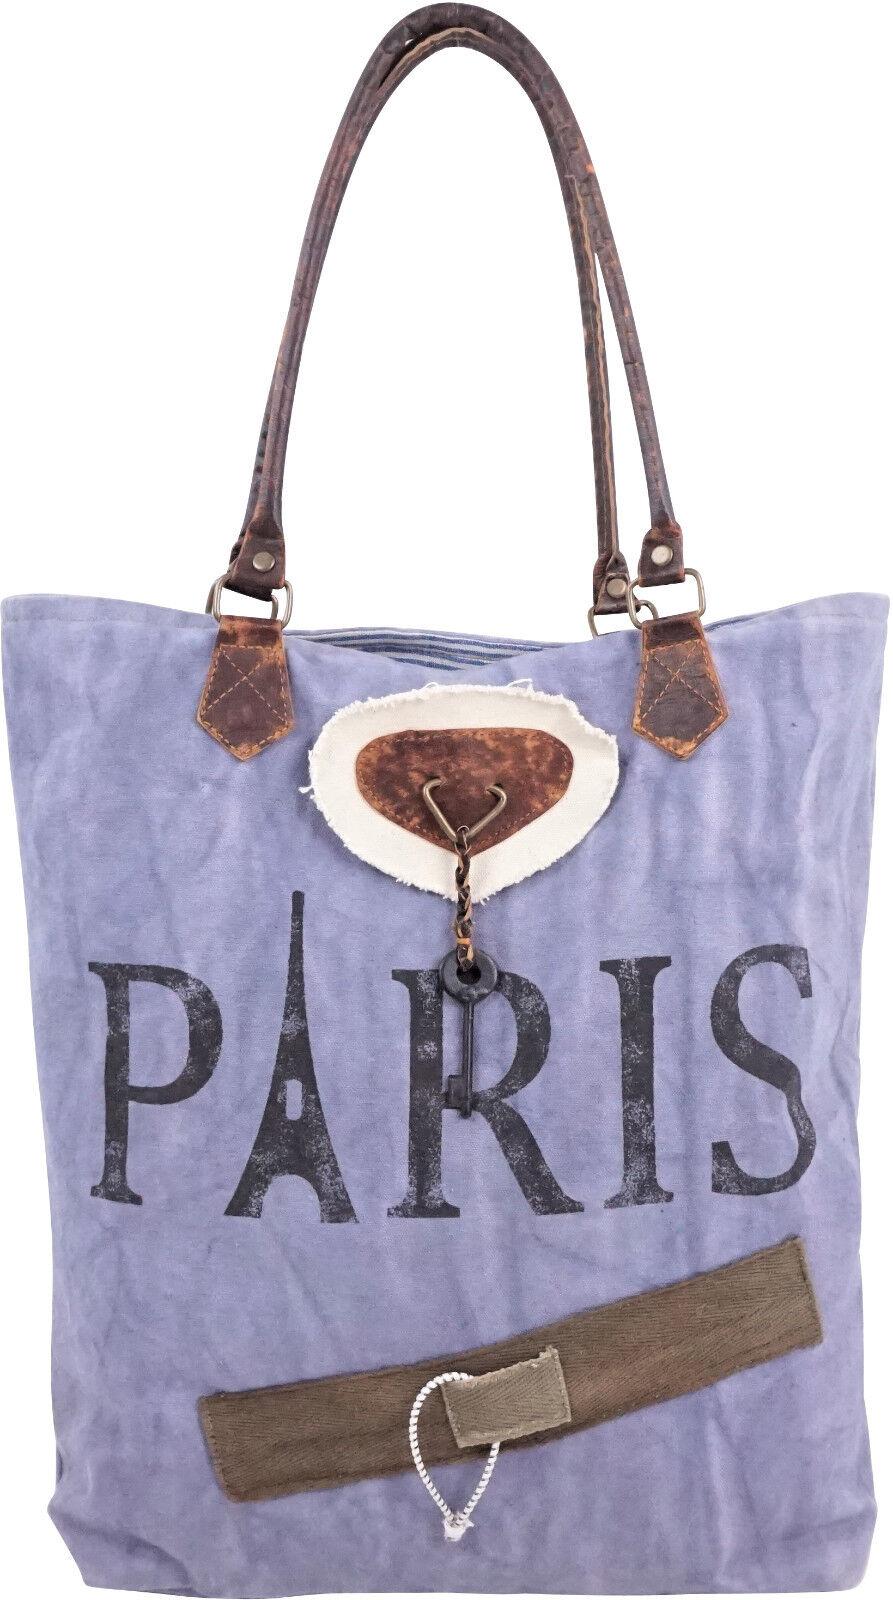 Hoff Interieur 2524 Tasche Paris, Trageriemen in Lederoptik, 1 Innentasche | Bekannt für seine gute Qualität  | Gute Qualität  | Qualität und Quantität garantiert